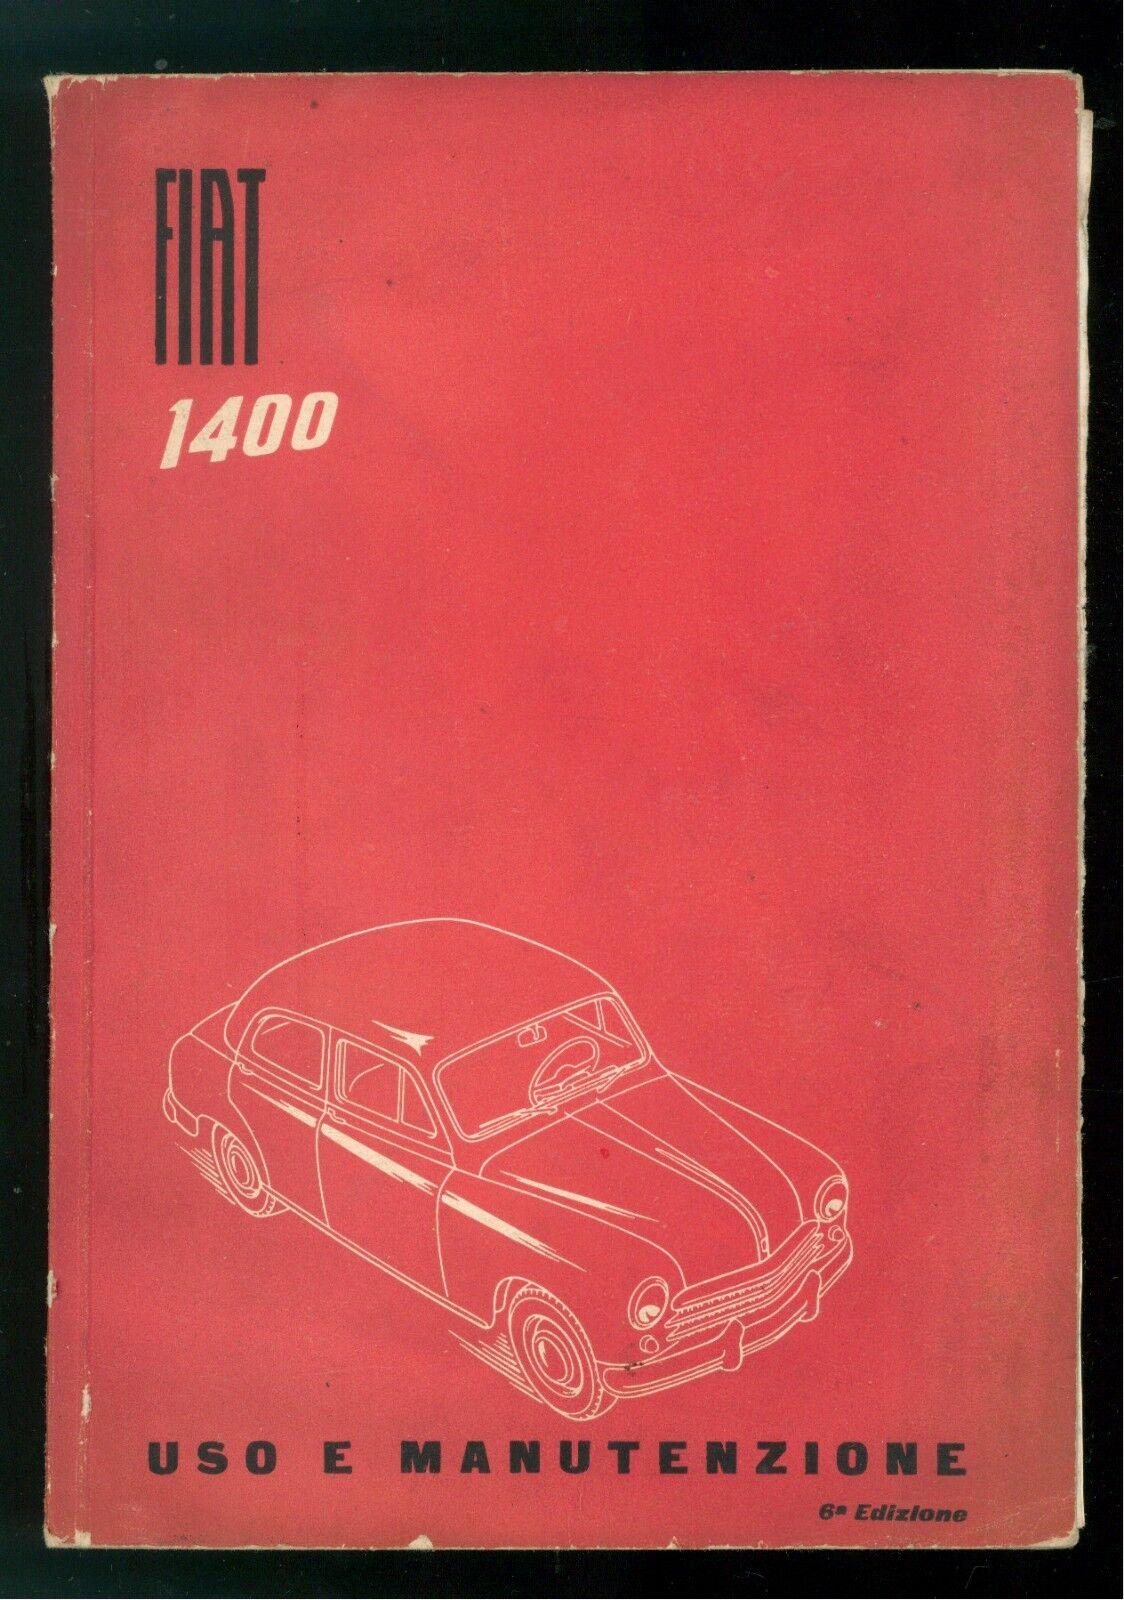 FIAT 1400 LIBRETTO USO E MANUTENZIONE 1952 AUTOMOBILI MOTORI MACCHINE